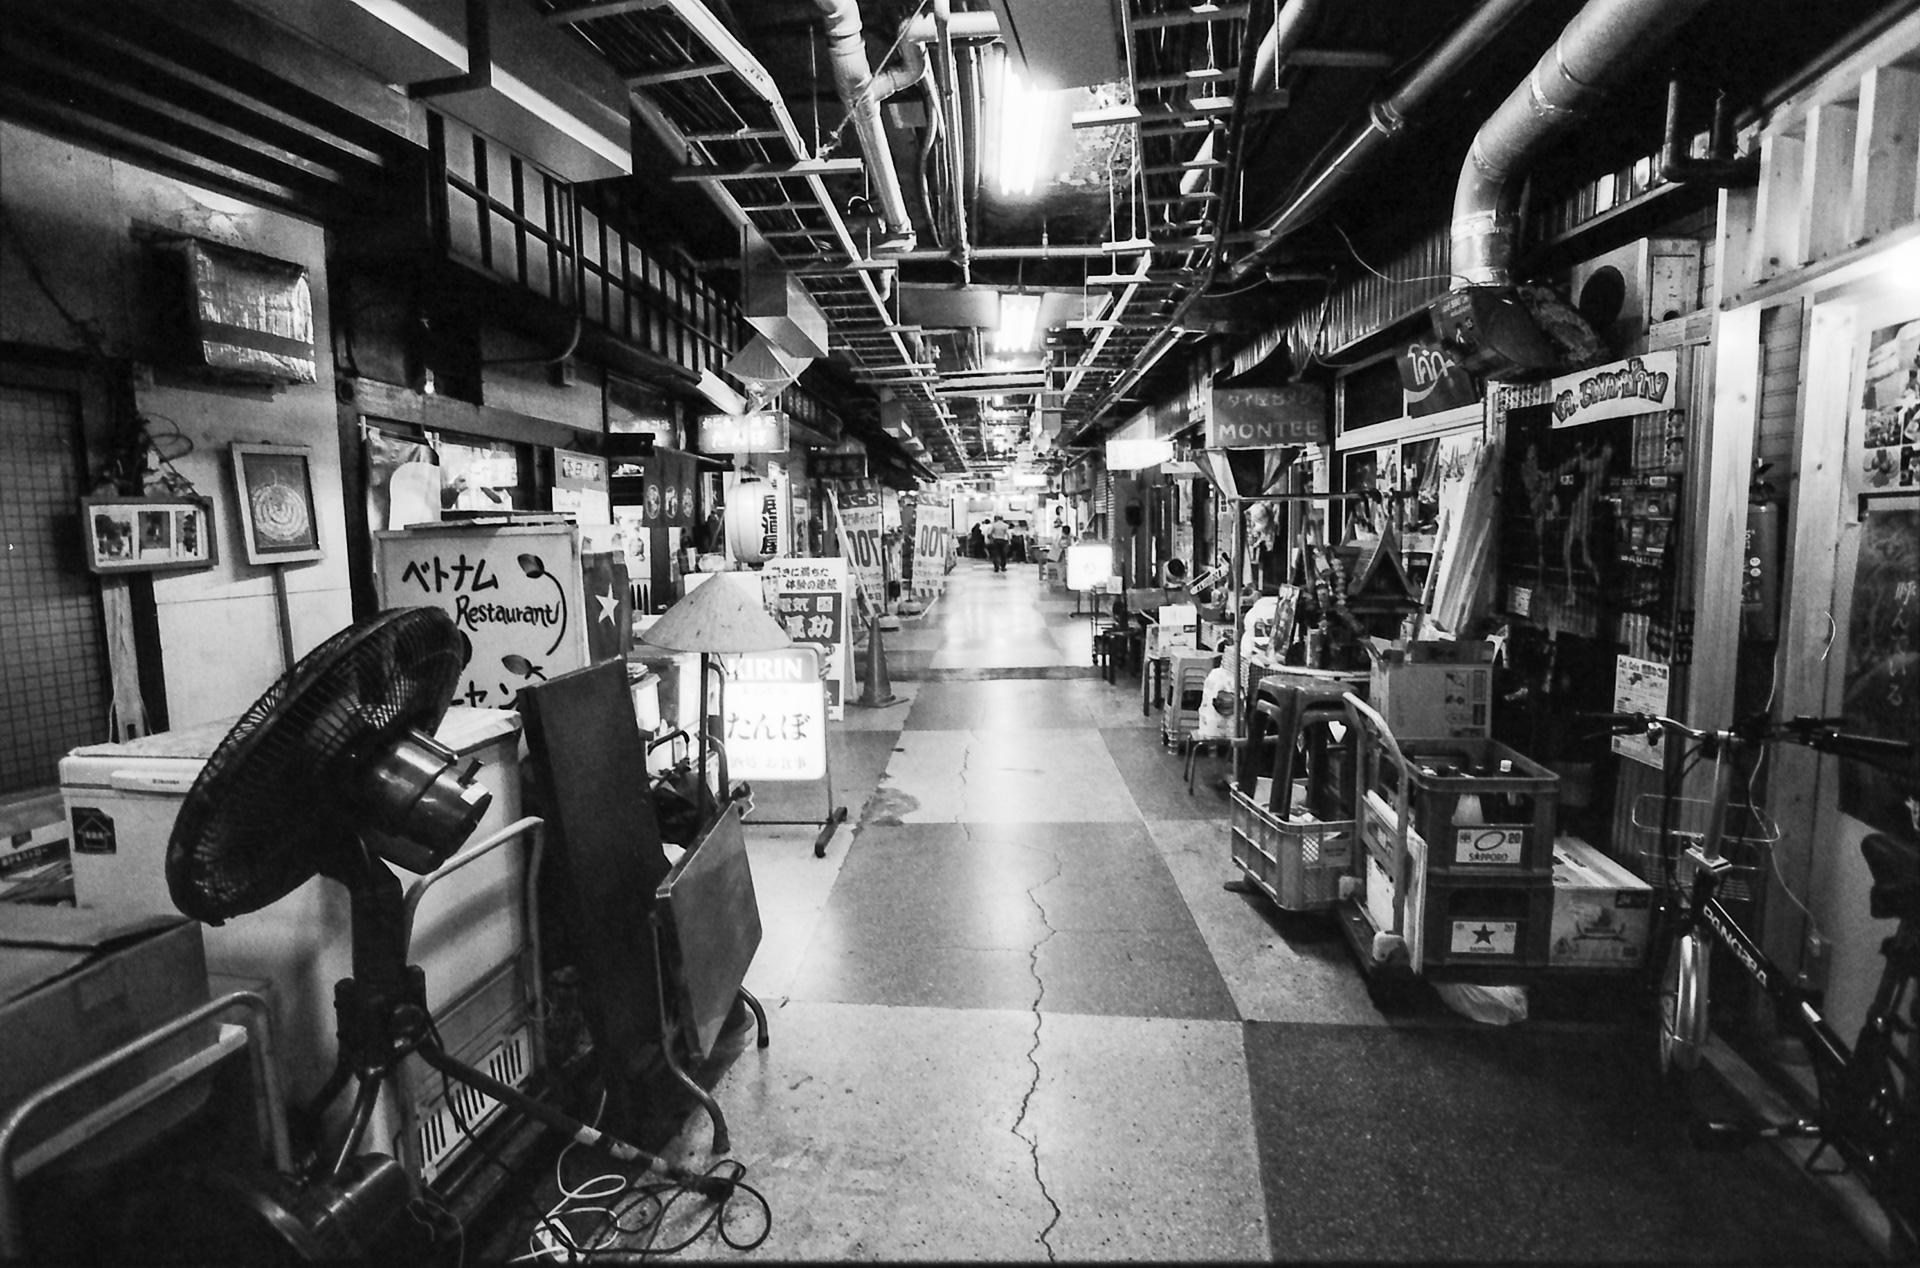 国際色豊かな浅草地下街 商店街 Canon EOS-1, EF 17-40mm F4L USM, Rollei RPX 400